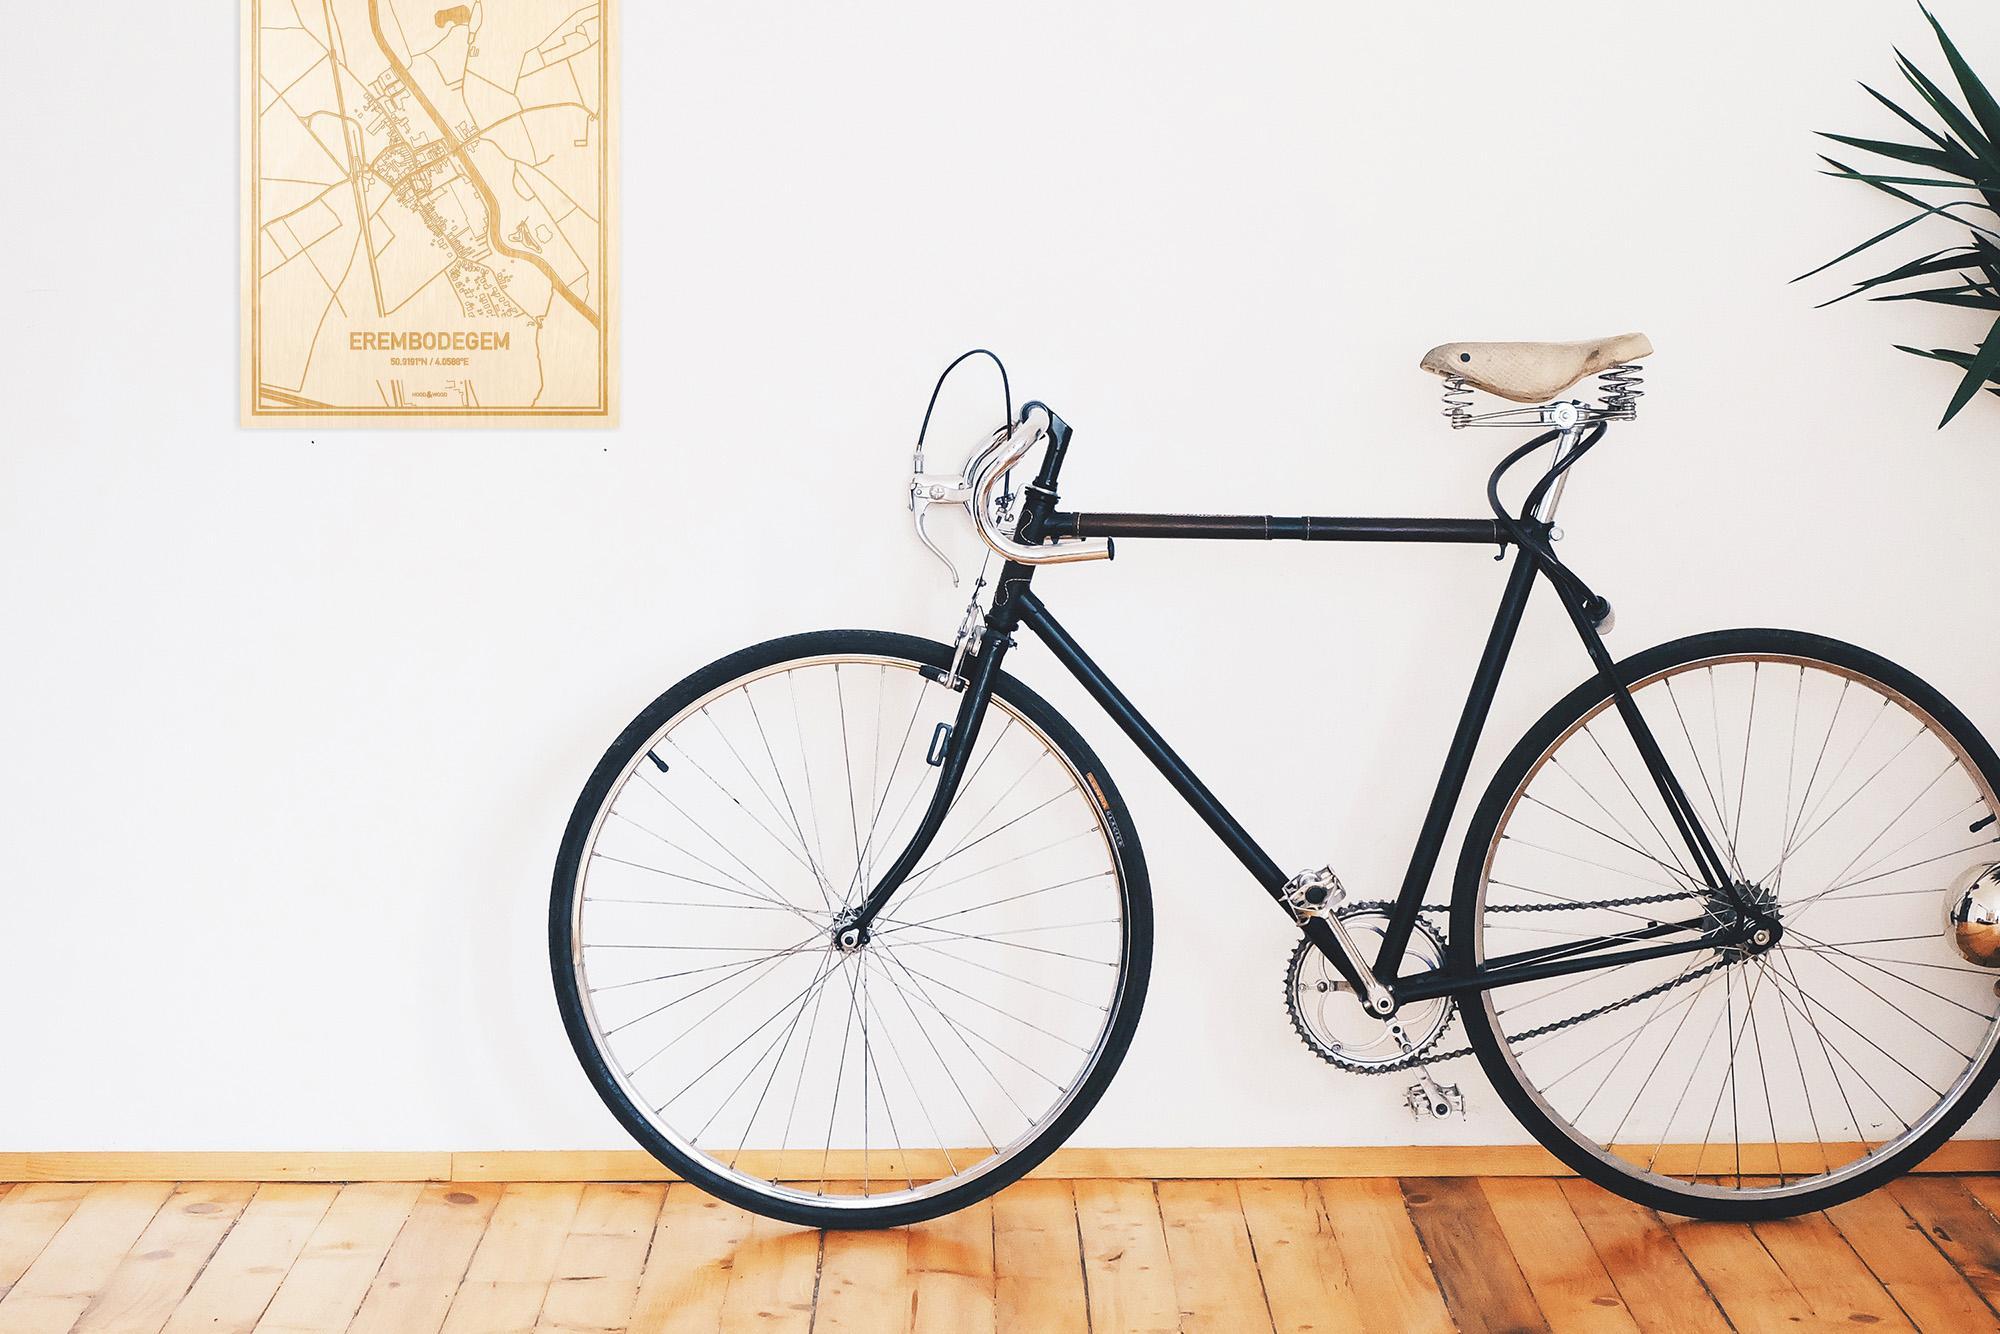 Een snelle fiets in een uniek interieur in Oost-Vlaanderen  met mooie decoratie zoals de plattegrond Erembodegem.